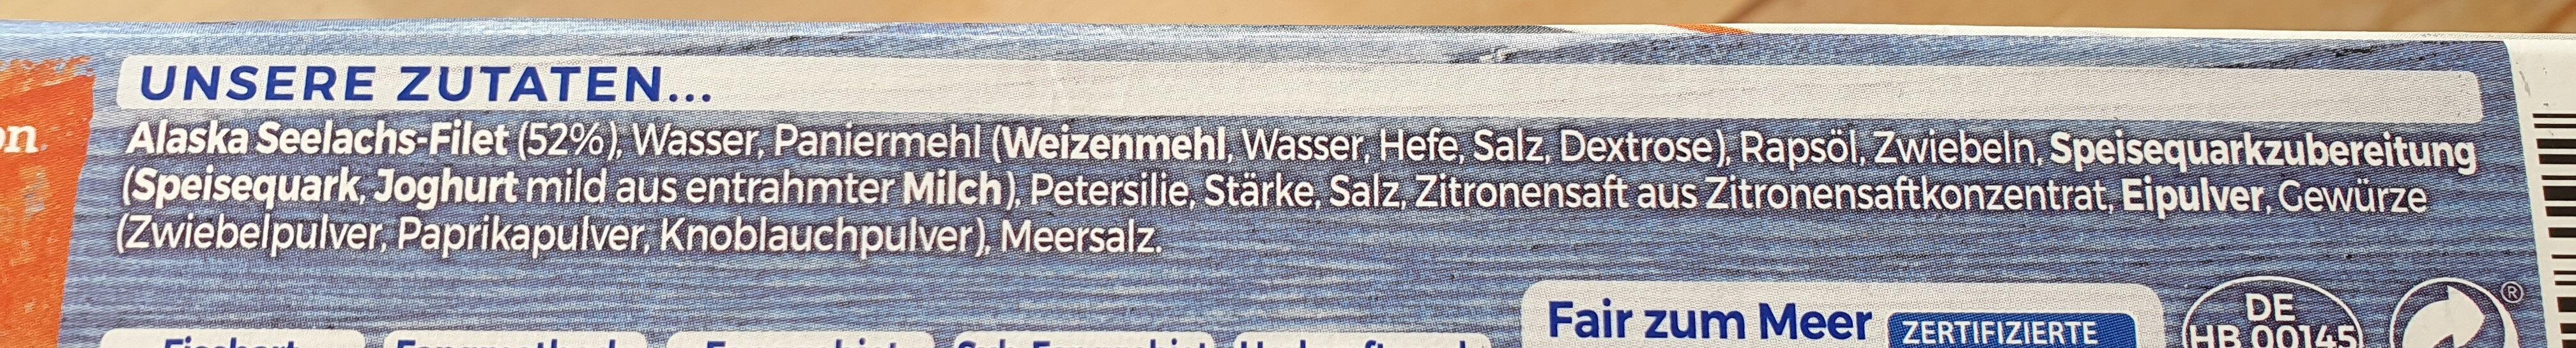 Schlemmerfilet à la Bordelaise Knusprig Kross - Ingrediënten - de